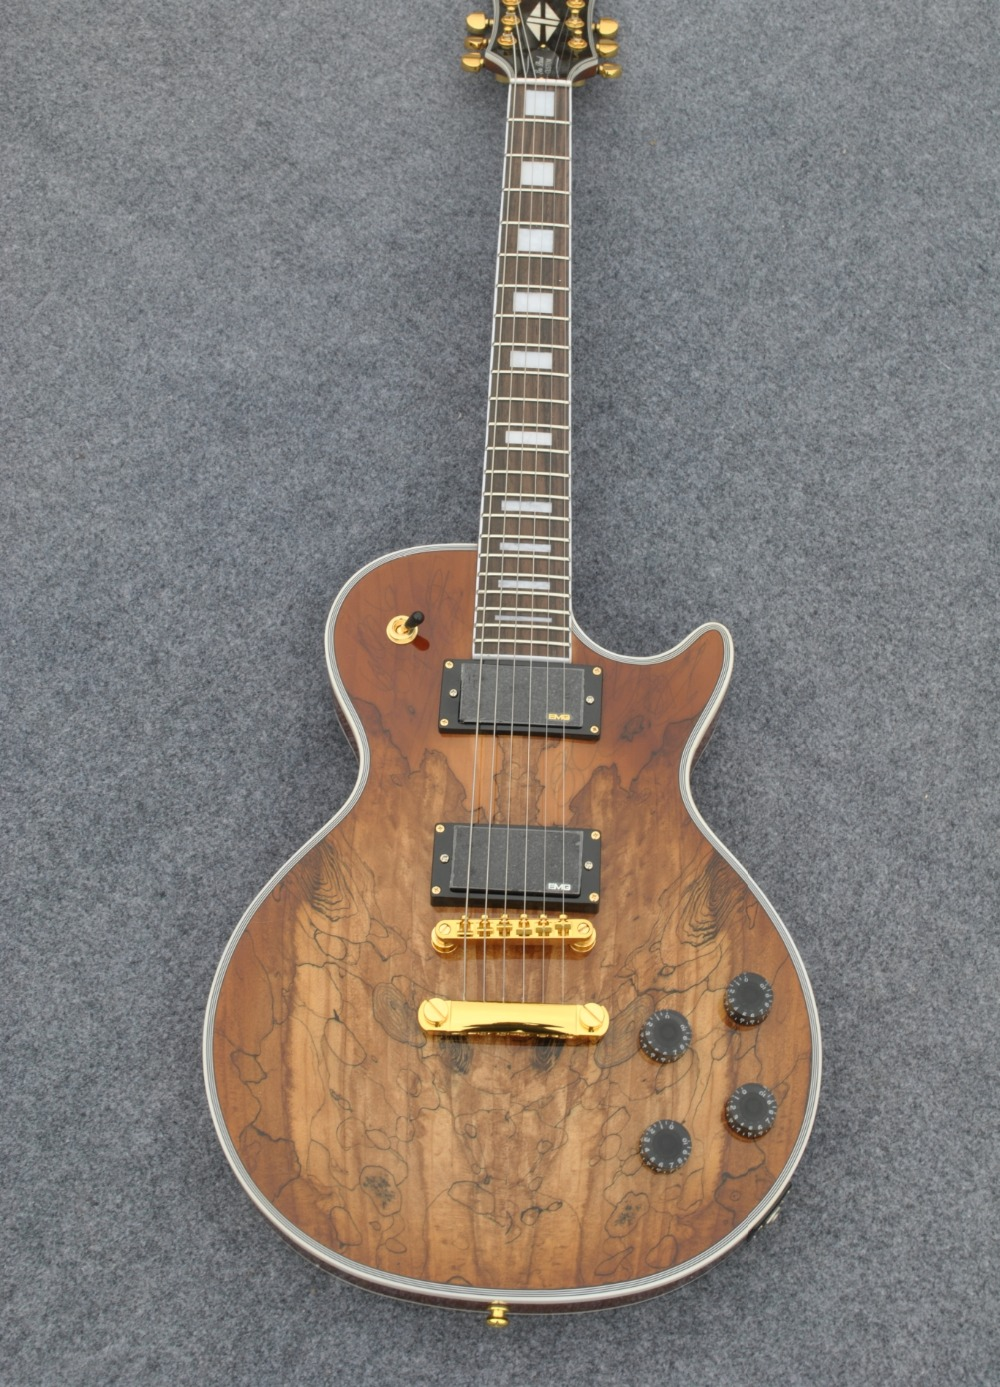 En stock! Guitare électrique Vente Chaude LP Carte marron transparent Personnalisé Guitare Électrique 6 Cordes Guitares + Usine OEM de haute qualité